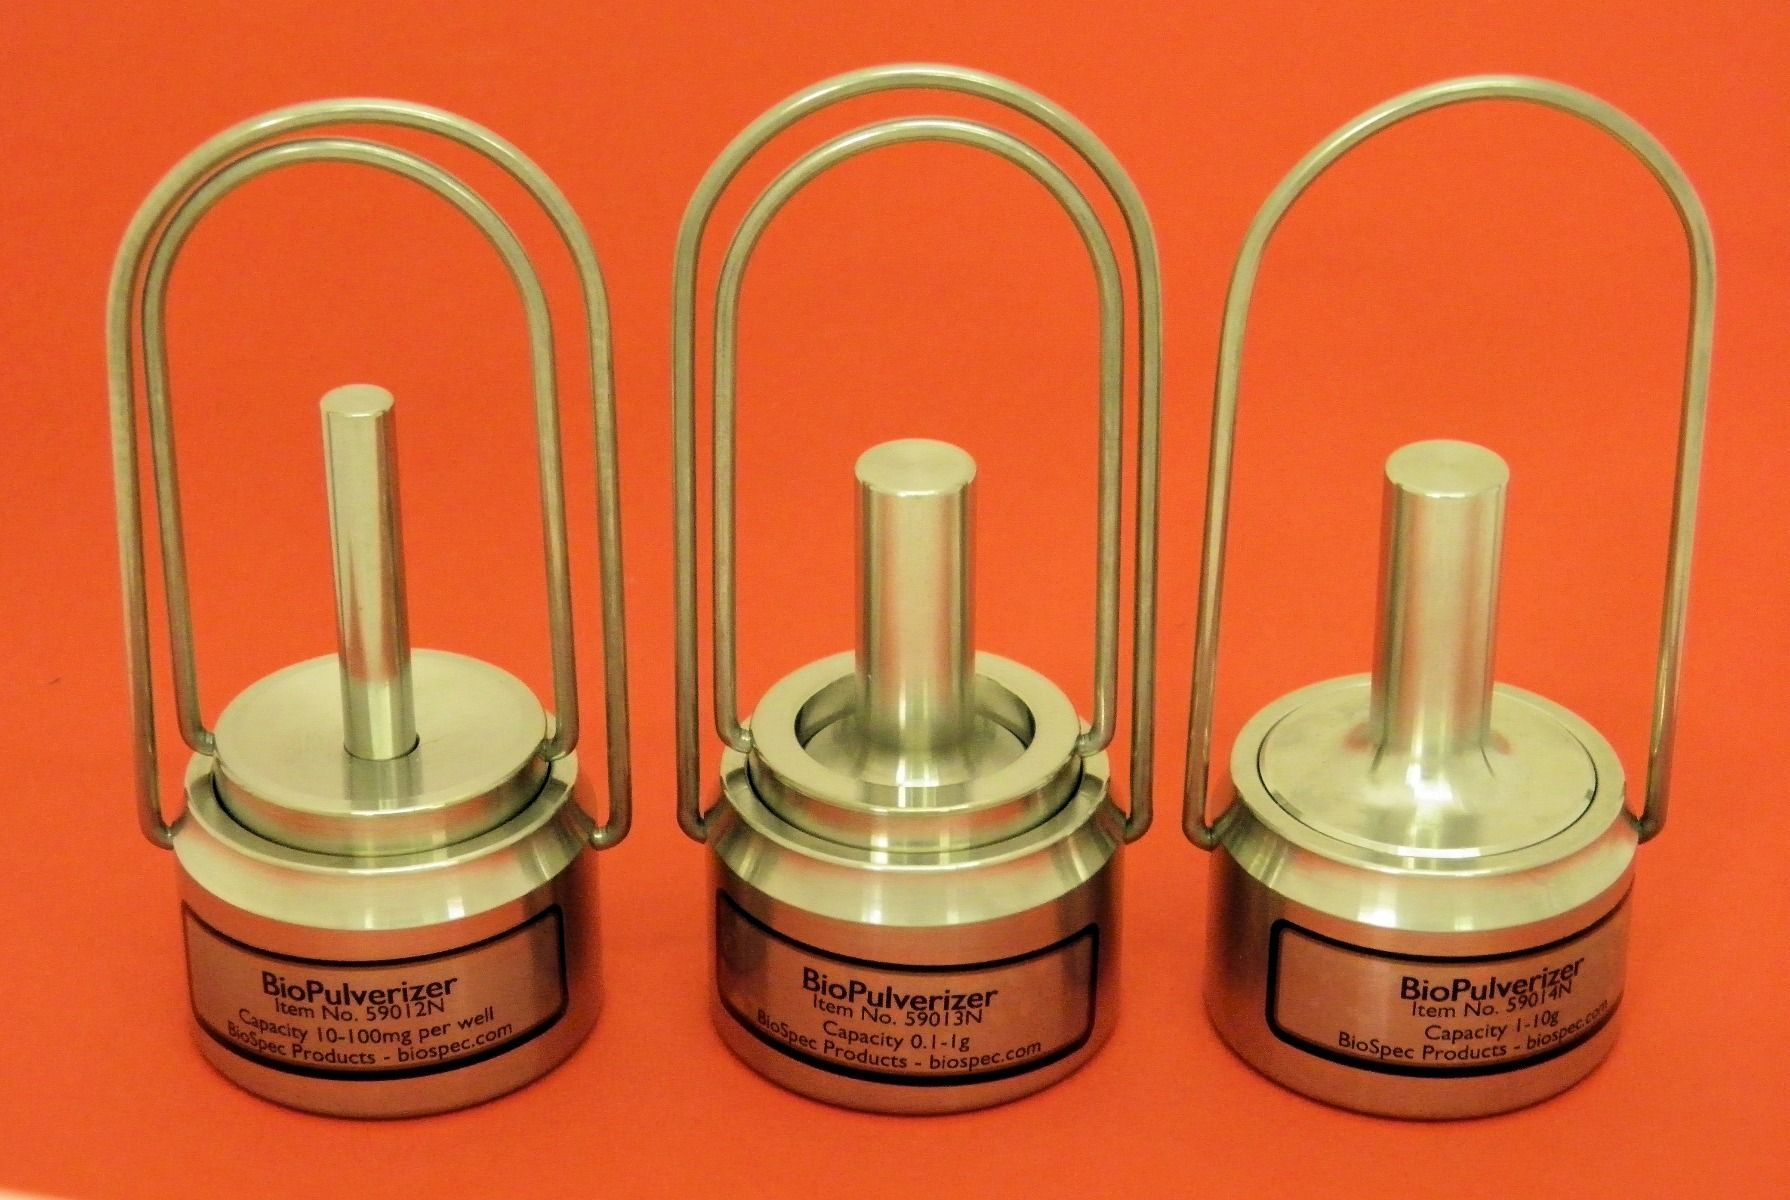 BioPulverizer